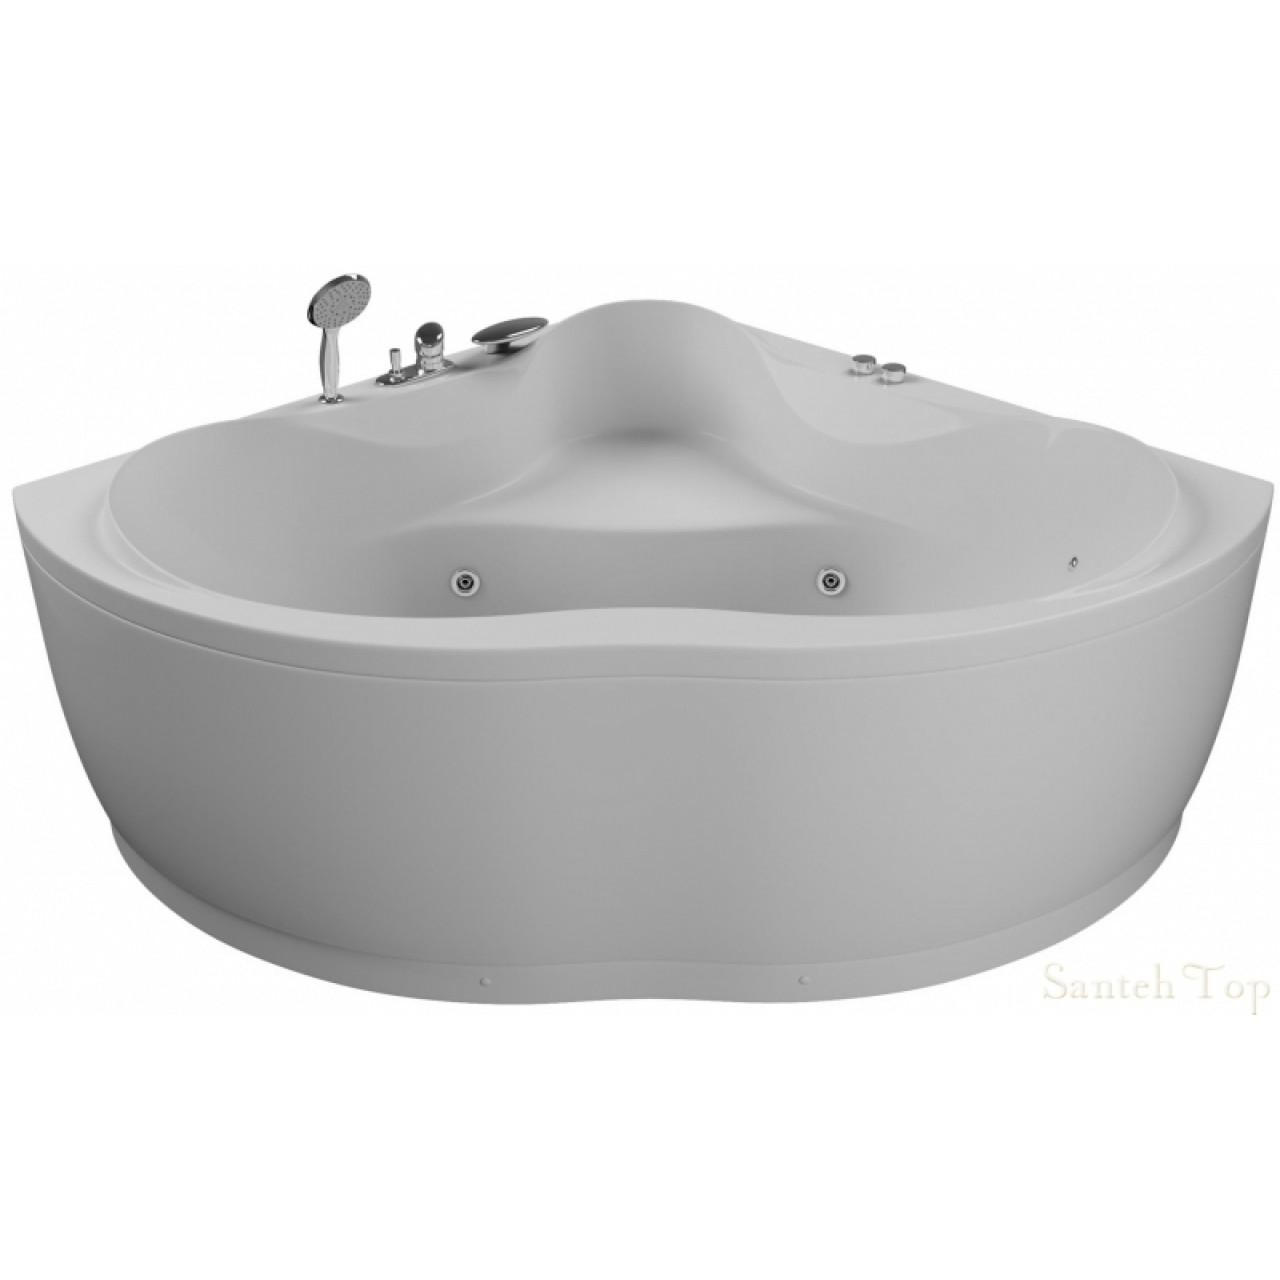 Акриловая ванна Акватика Кворум Basic 143x143x65 купить в Москве по цене от 45650р. в интернет-магазине mebel-v-vannu.ru